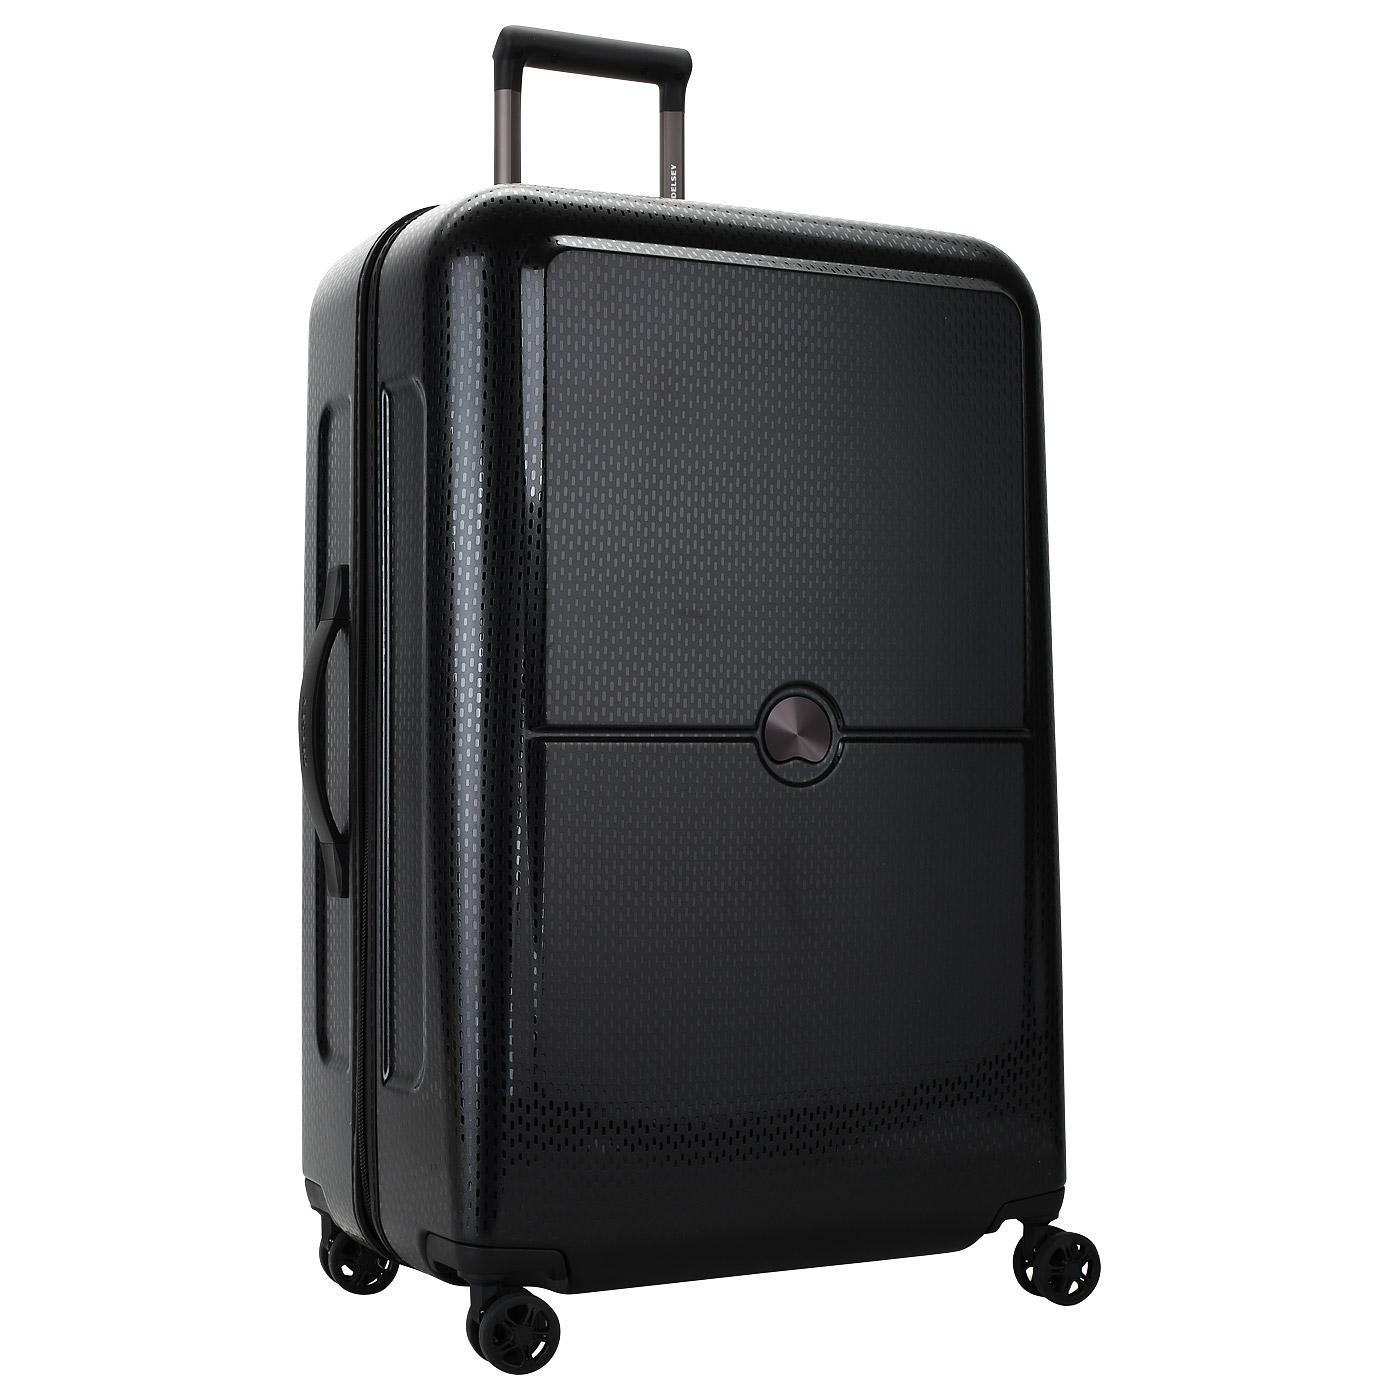 Большой чемодан на колесах купить недорого распродажа